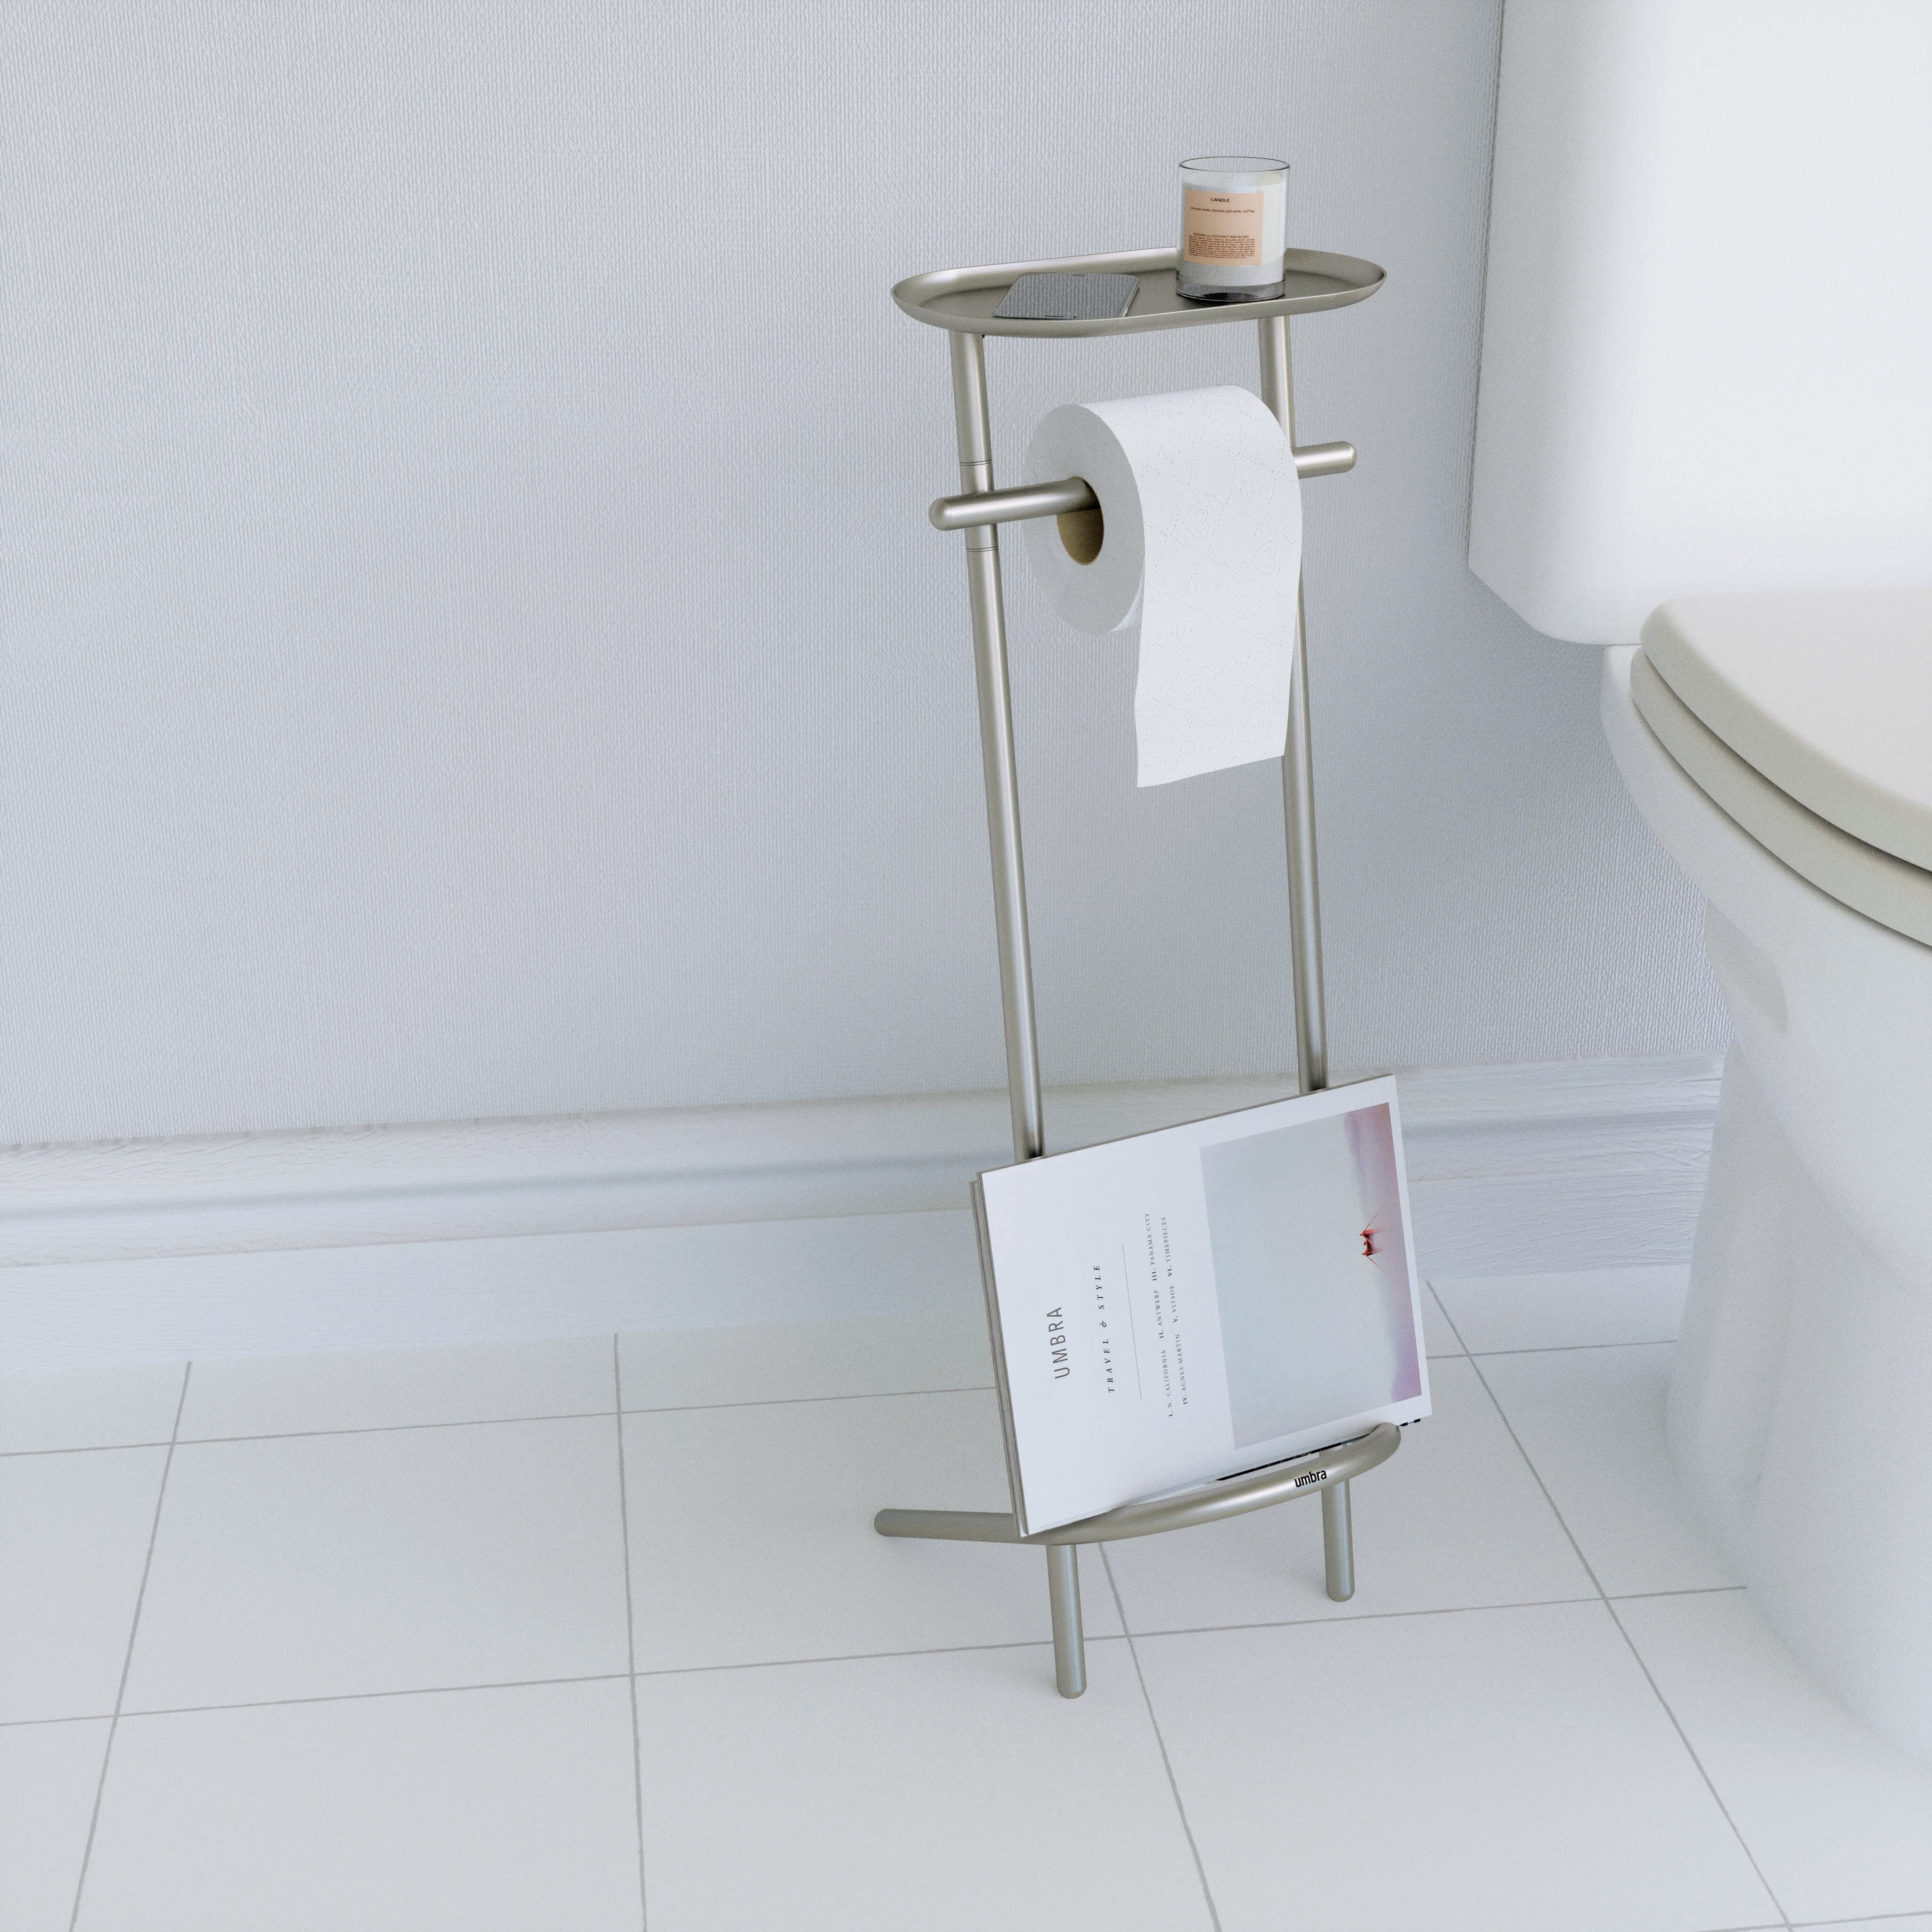 Valetto Free Standing Toilet Paper Holder | AllModern